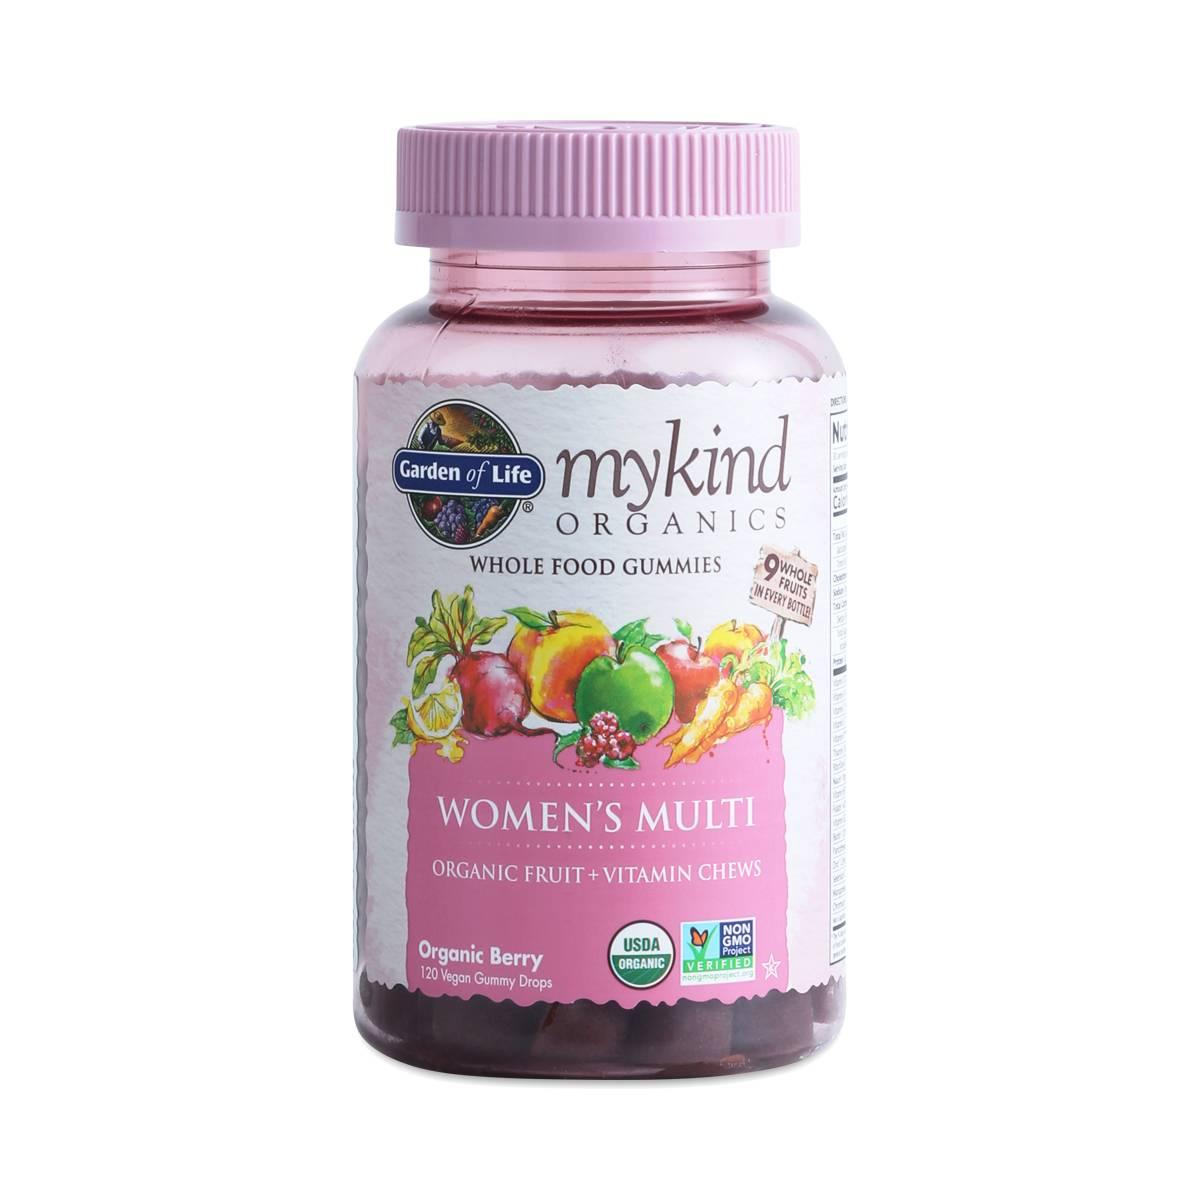 Garden Of Life Mykind Organics Whole Food Gummies